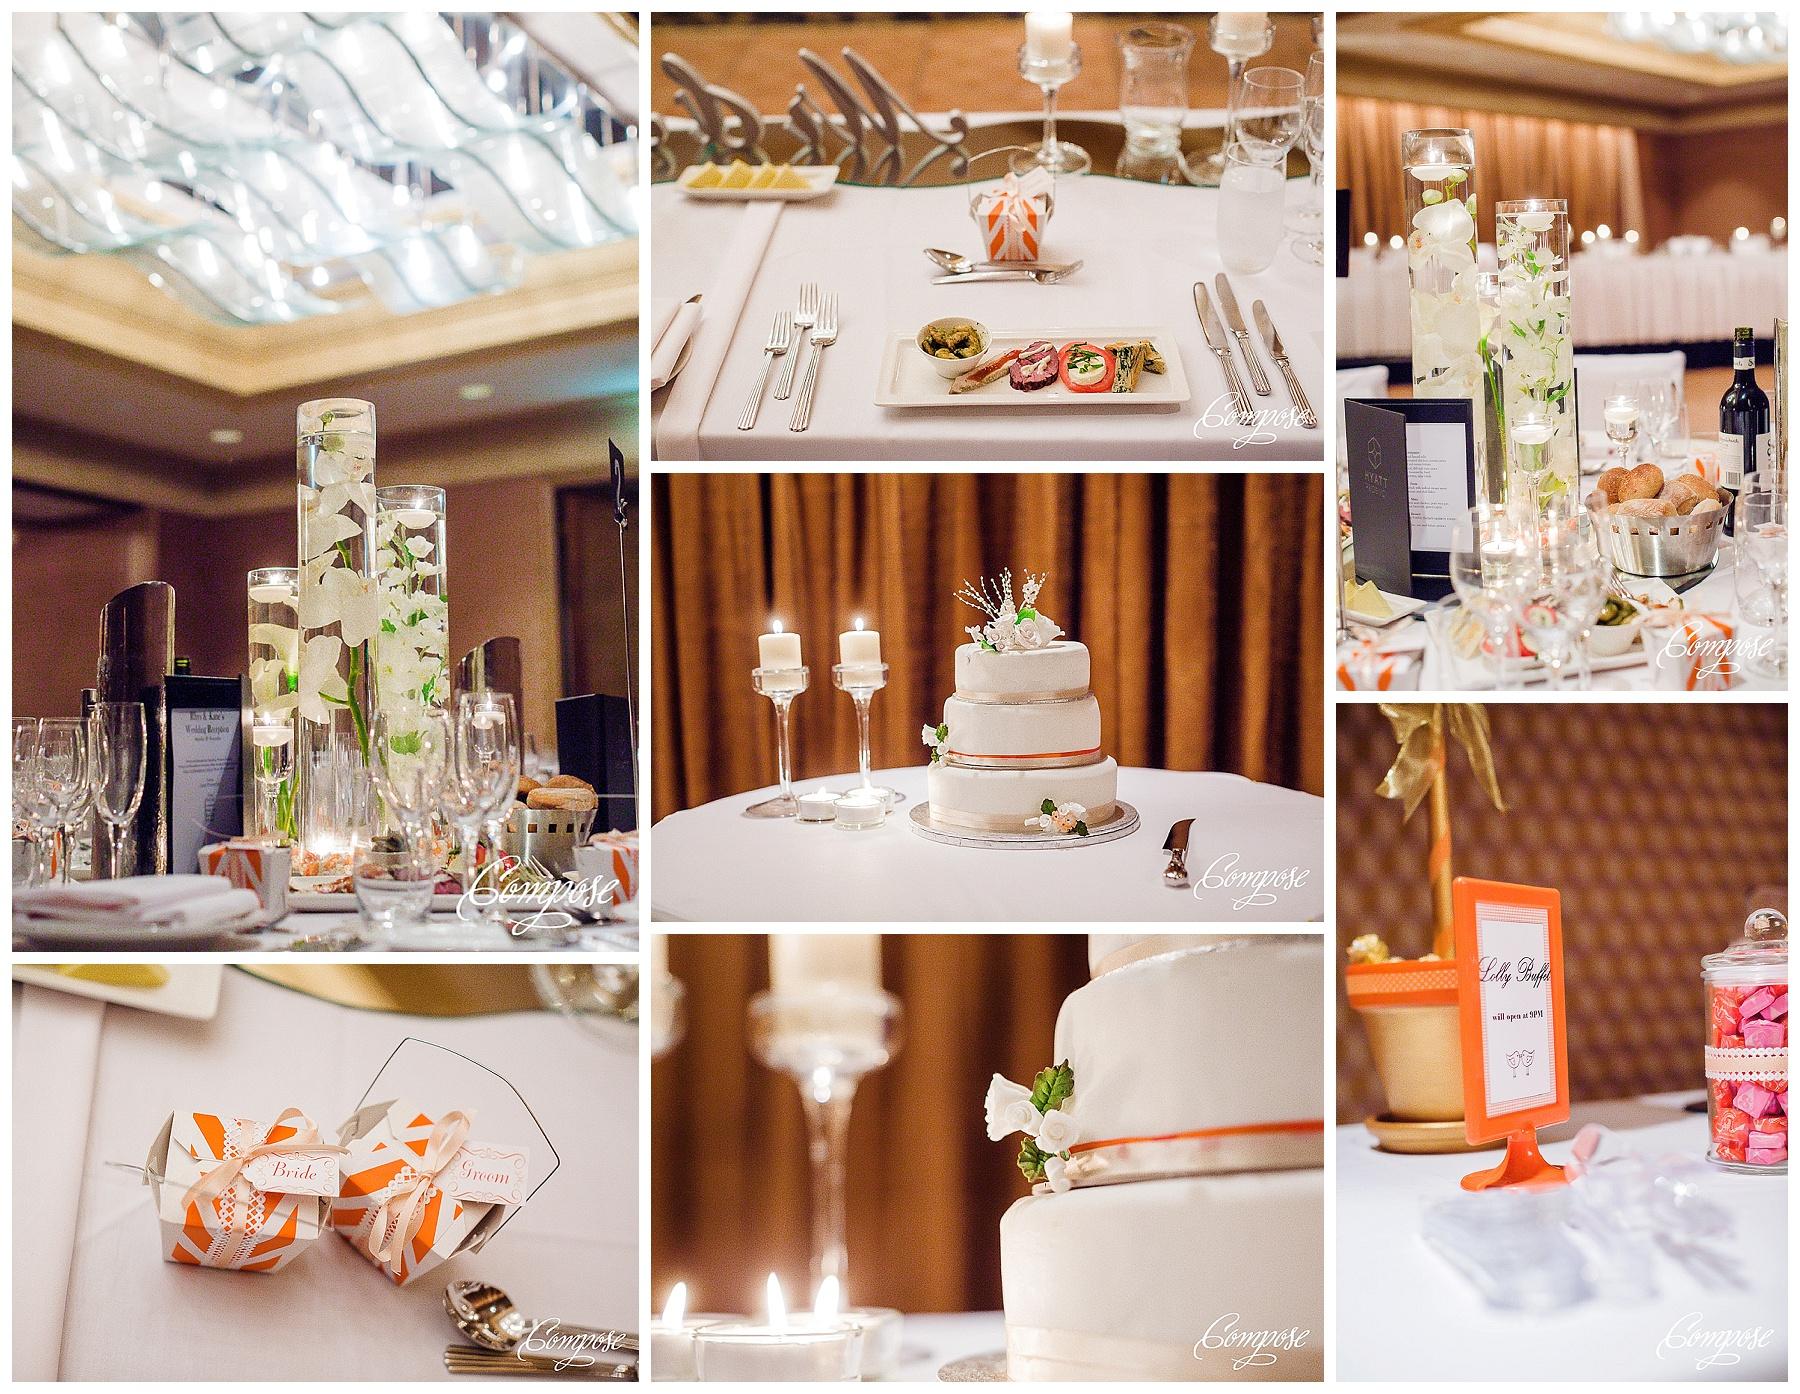 Hyatt Plaza Ballroom wedding